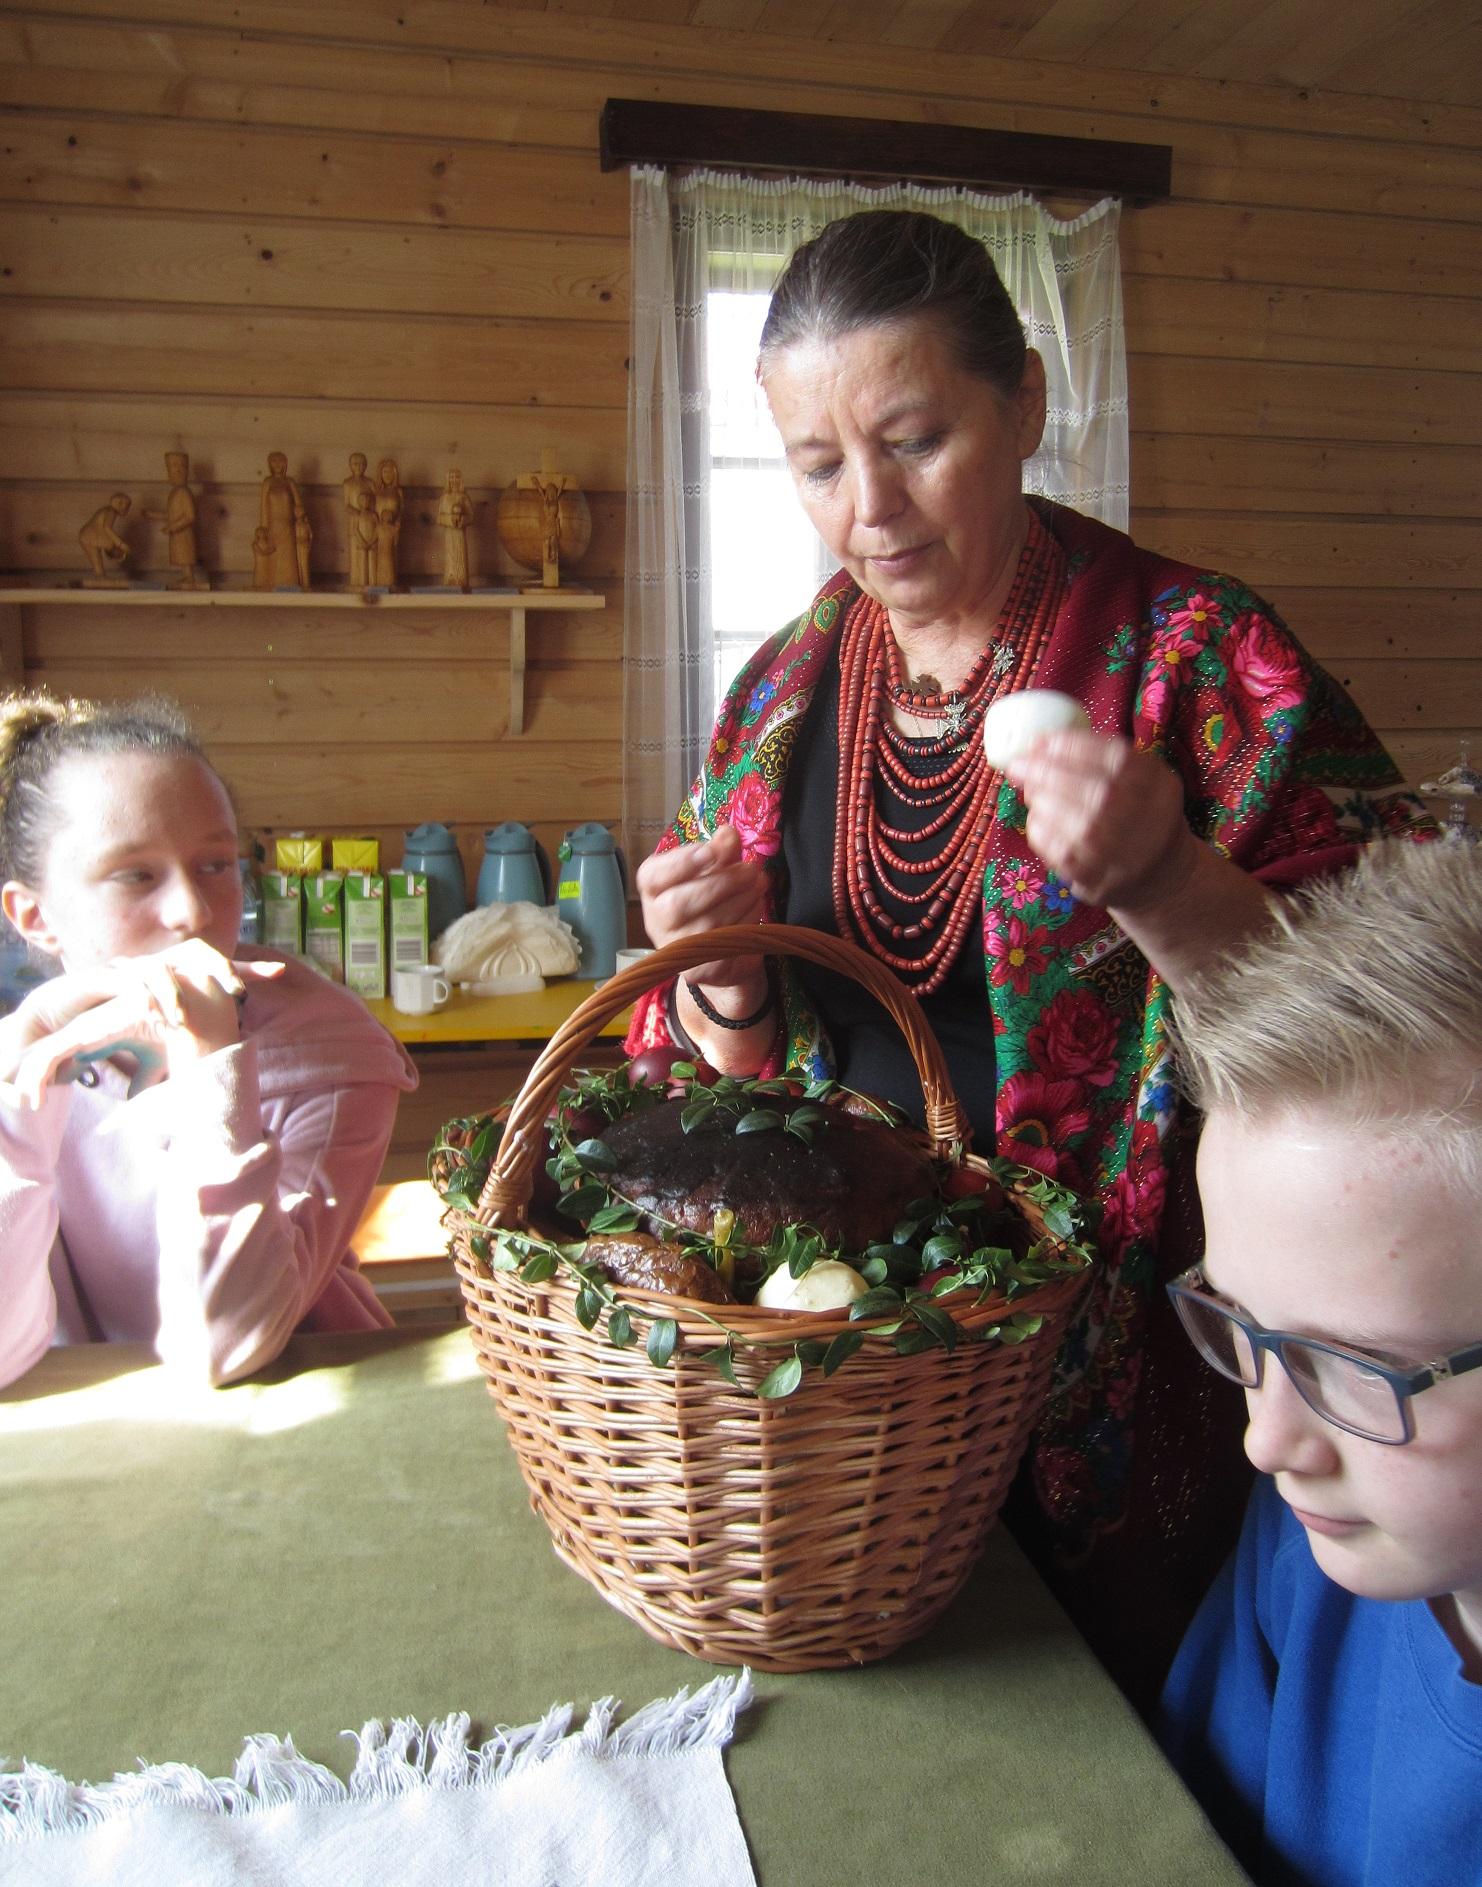 Kobieta w długich czerwonych koralach i czerwonej wzorzystej chuście na ramionach. Przed nią na stole leży koszyk ozdobiony bukszpanem, a w nim znajduje się duża bułka, kiełbasa i jajka.